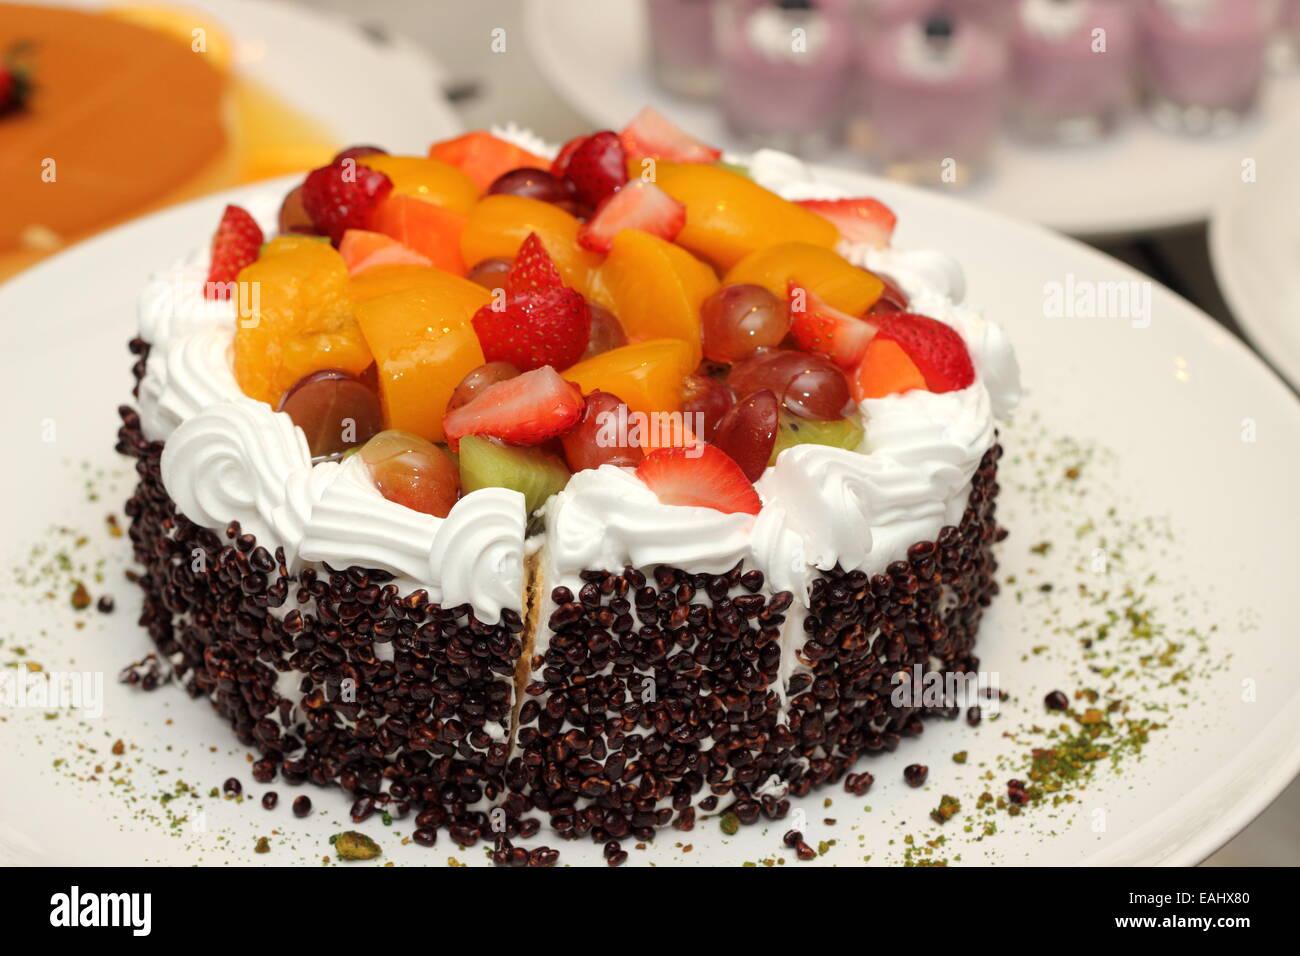 Frisches Obst Pudding Kuchen Mit Creme Auf Weiss Stockfoto Bild